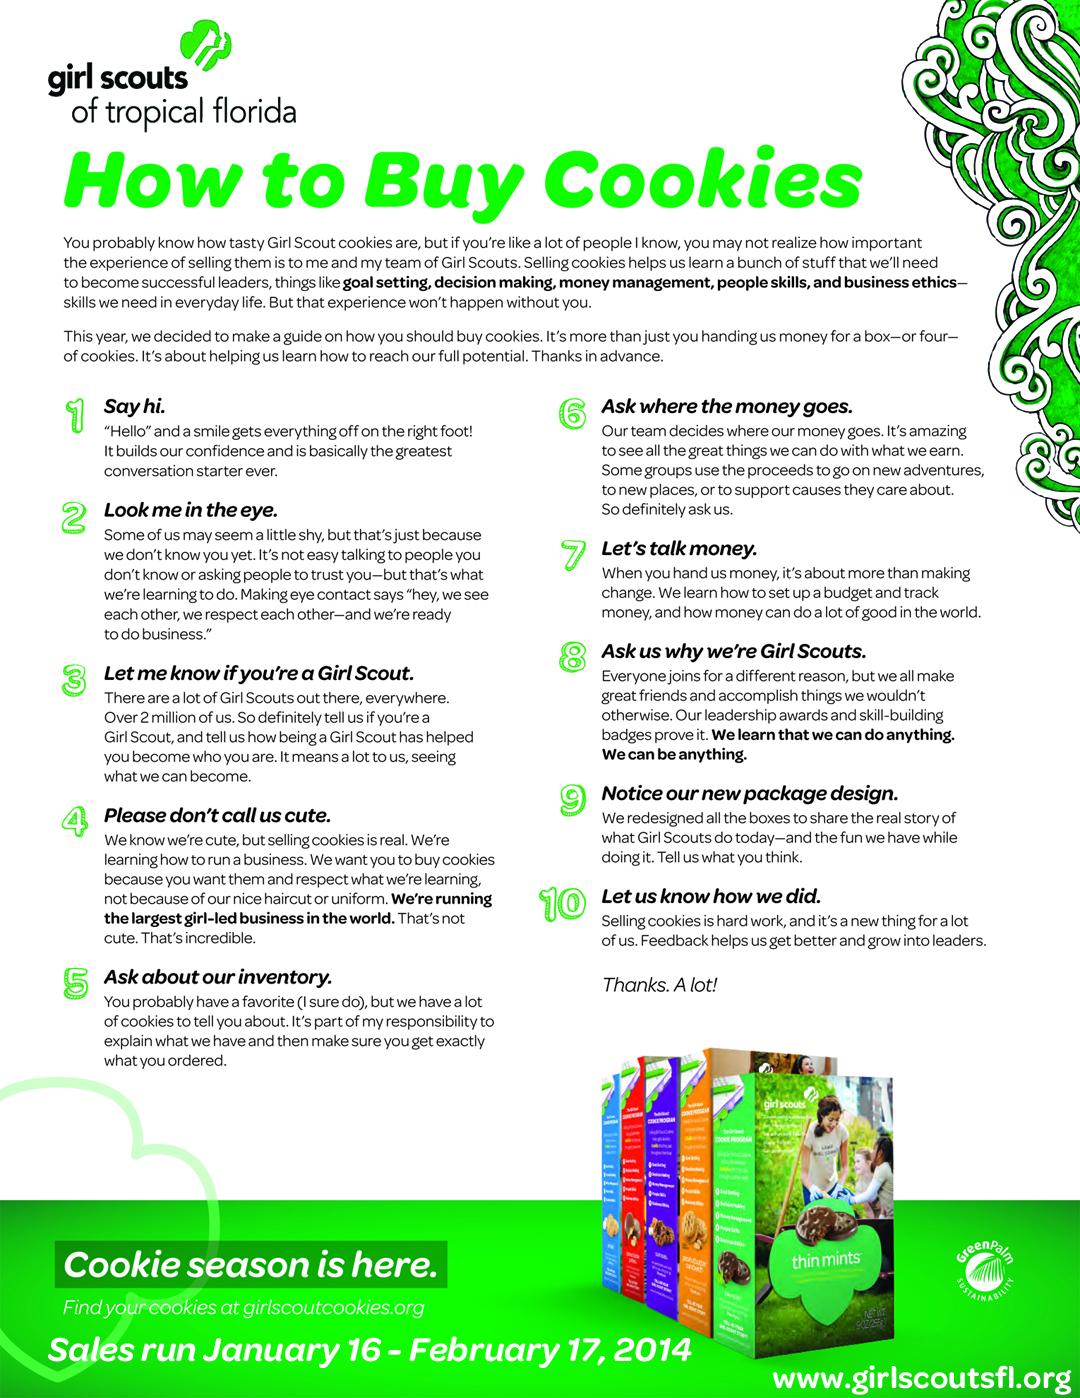 How to Buy Cookies